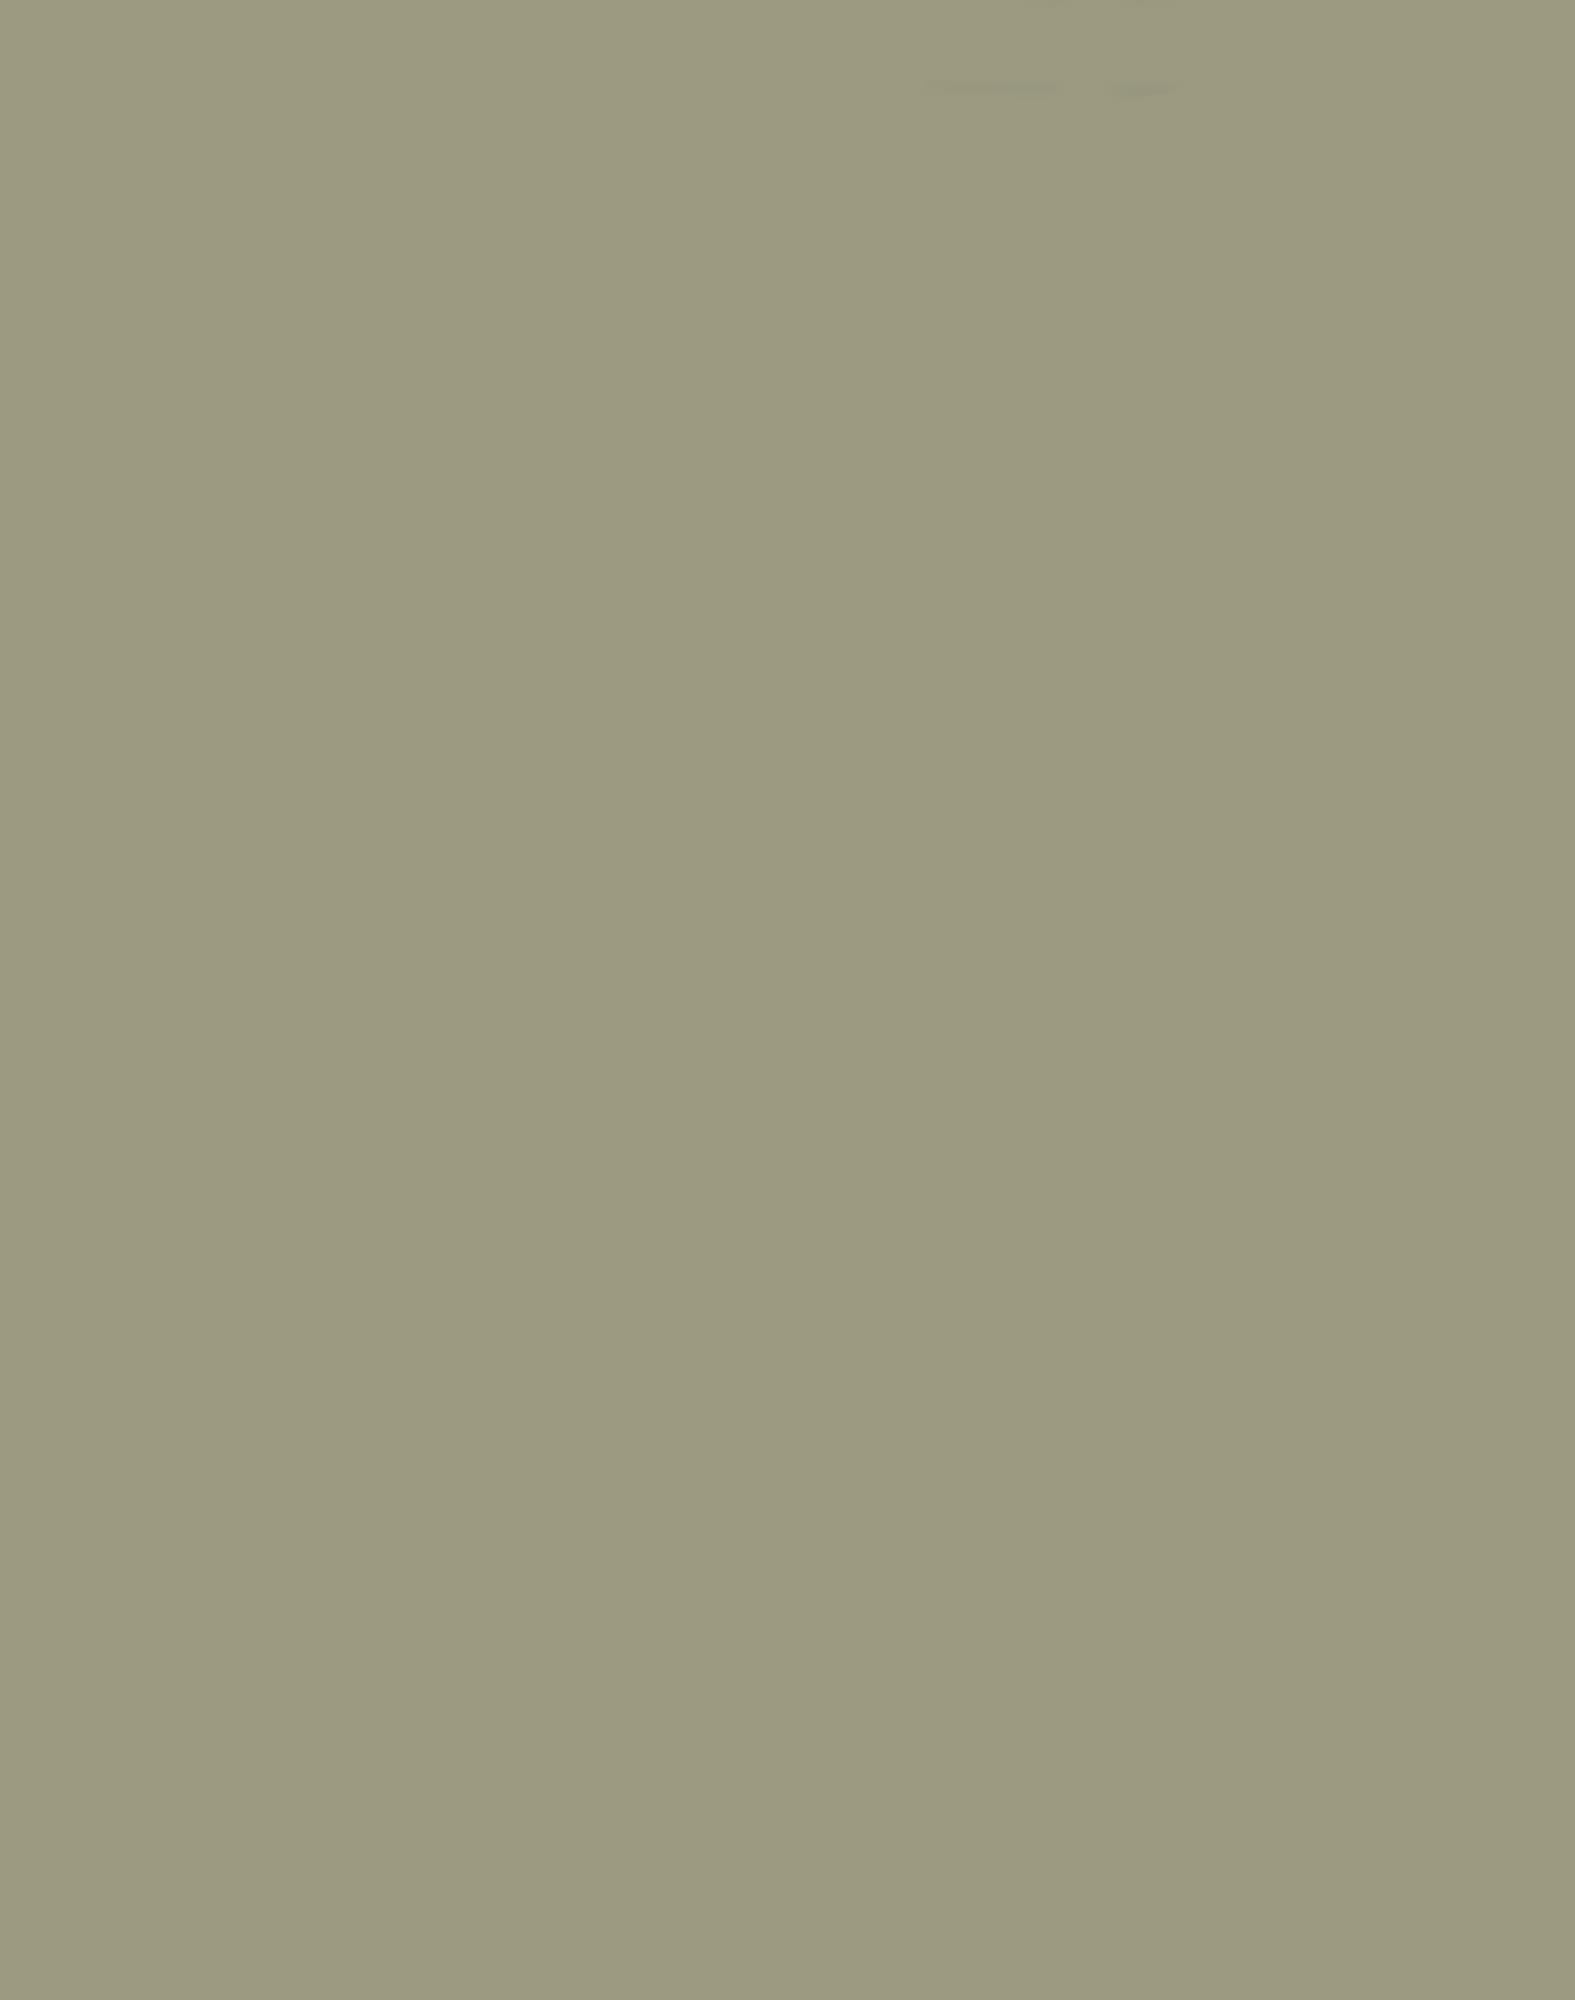 Hemlock 156,155,130